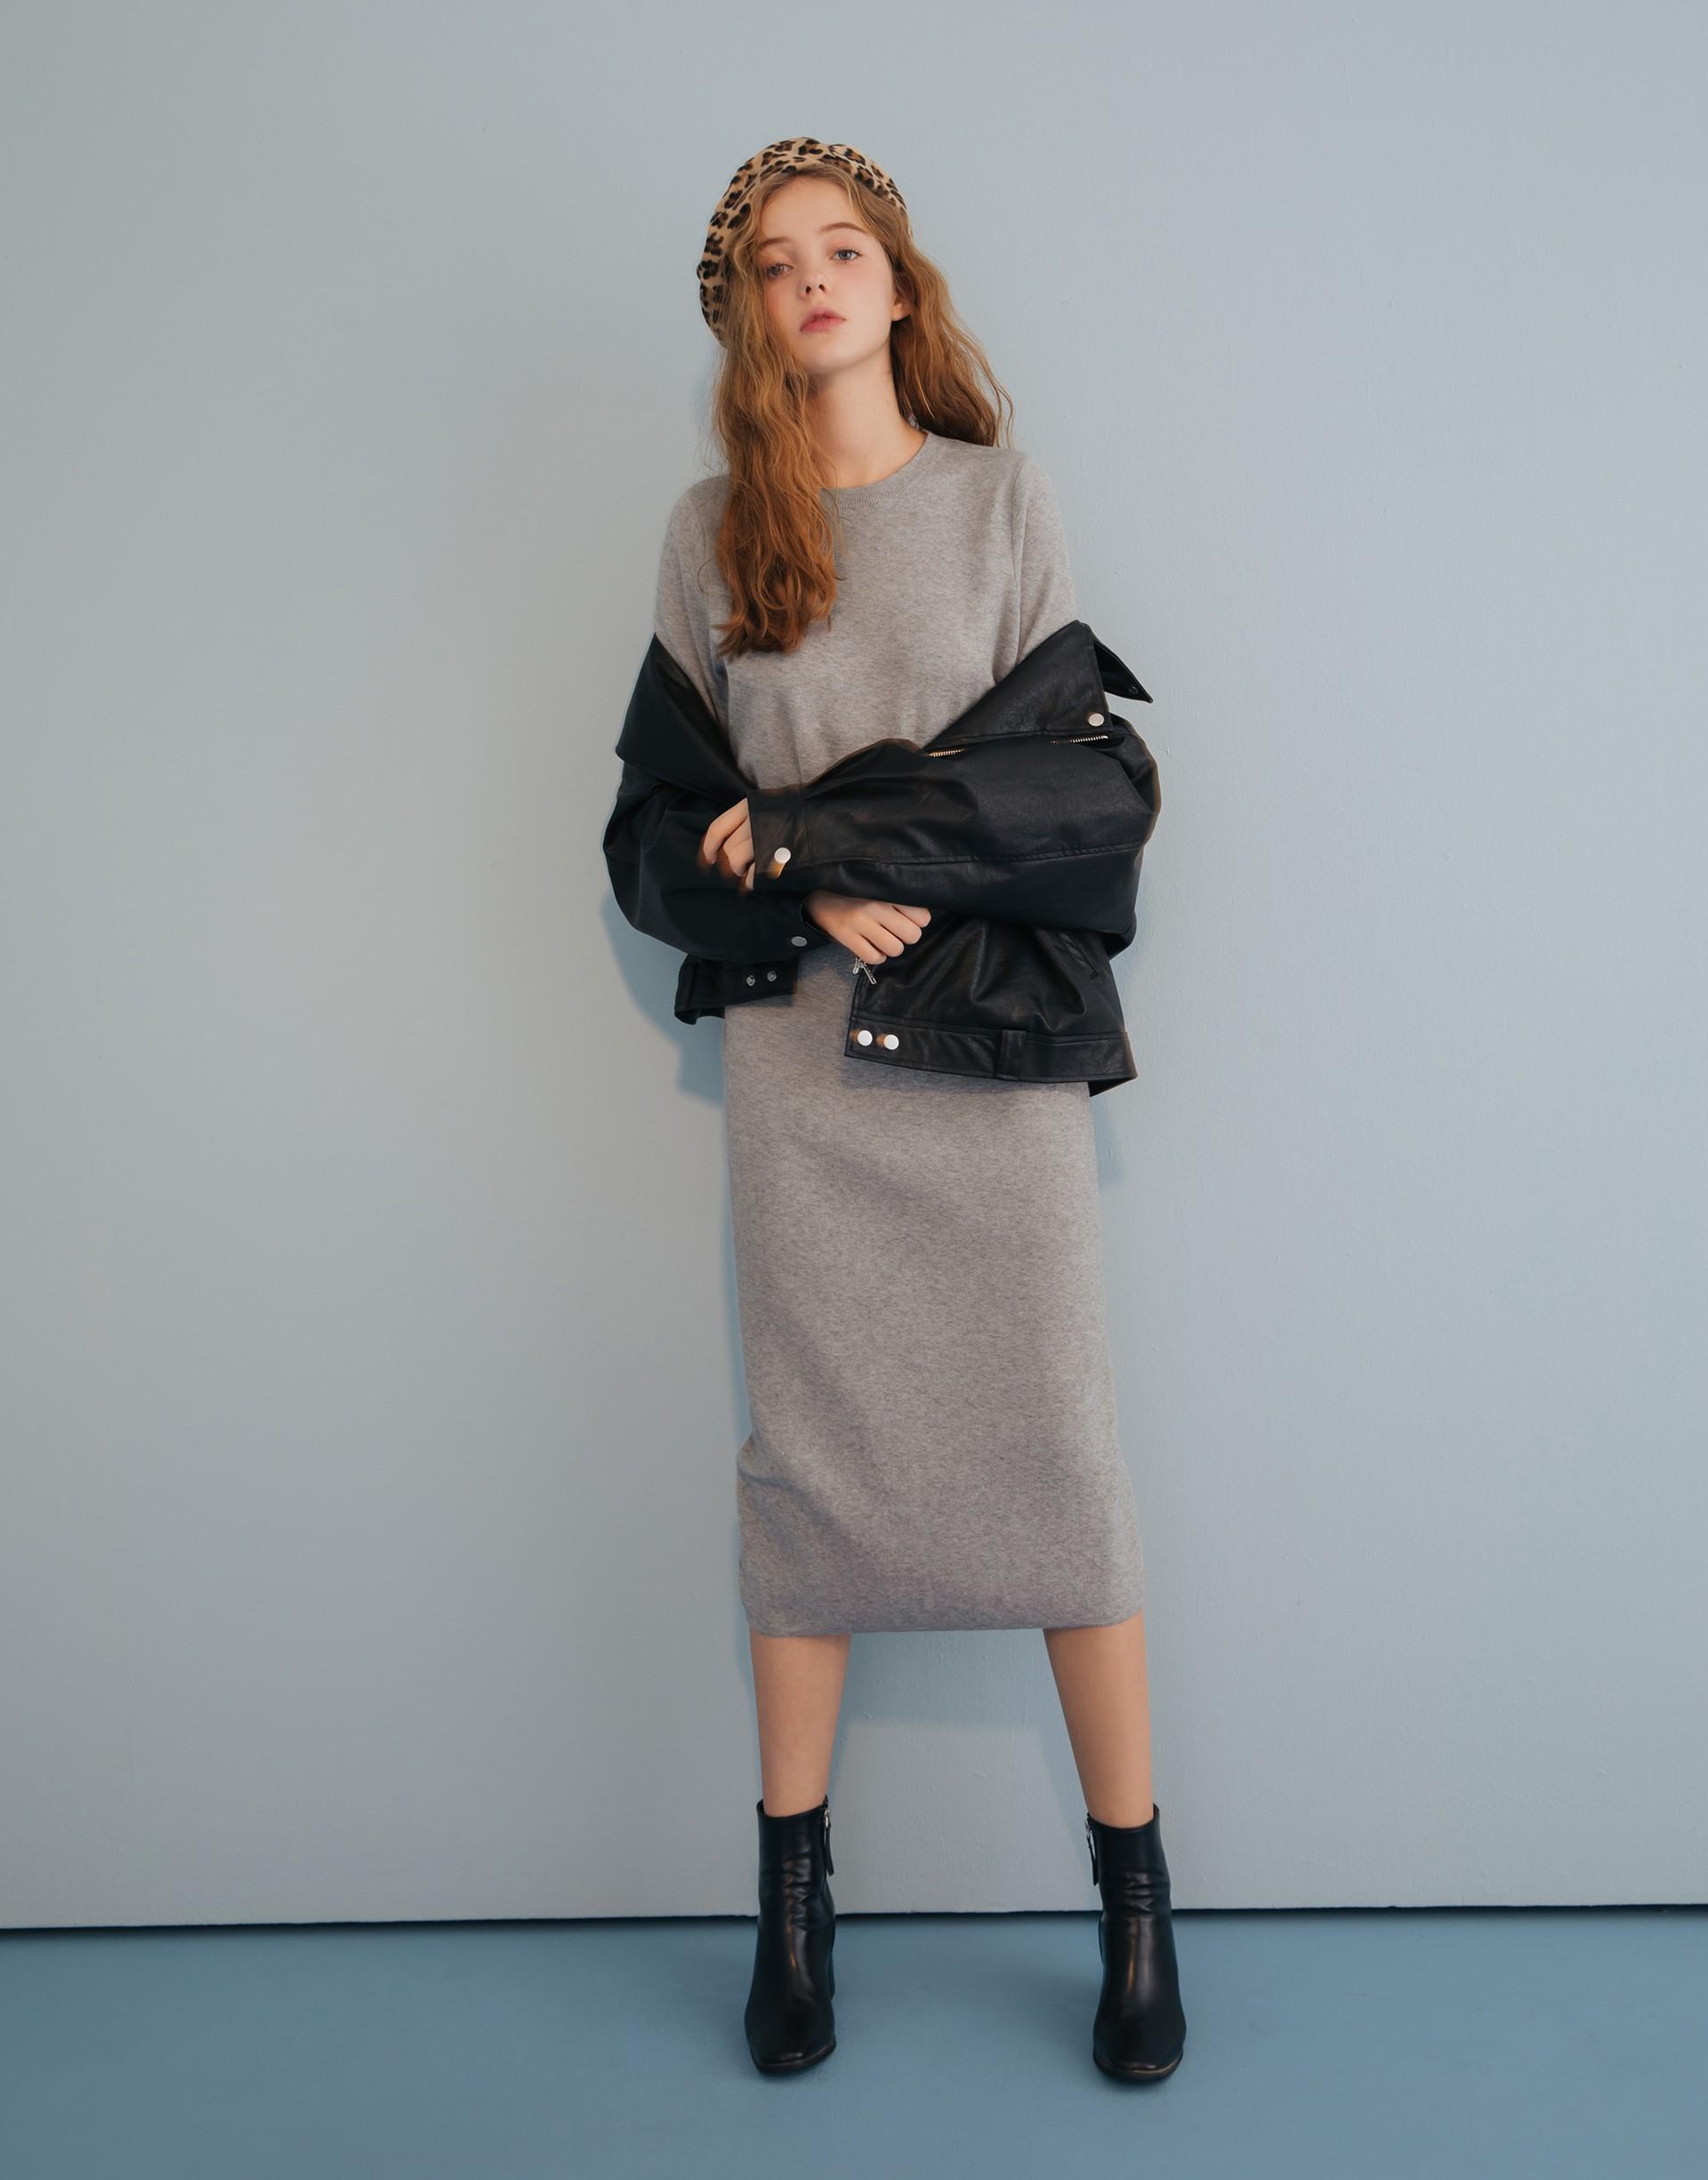 精選柔軟不刺激的紗線/舒適百搭/兩件式可分開搭配/裙子後中有開岔